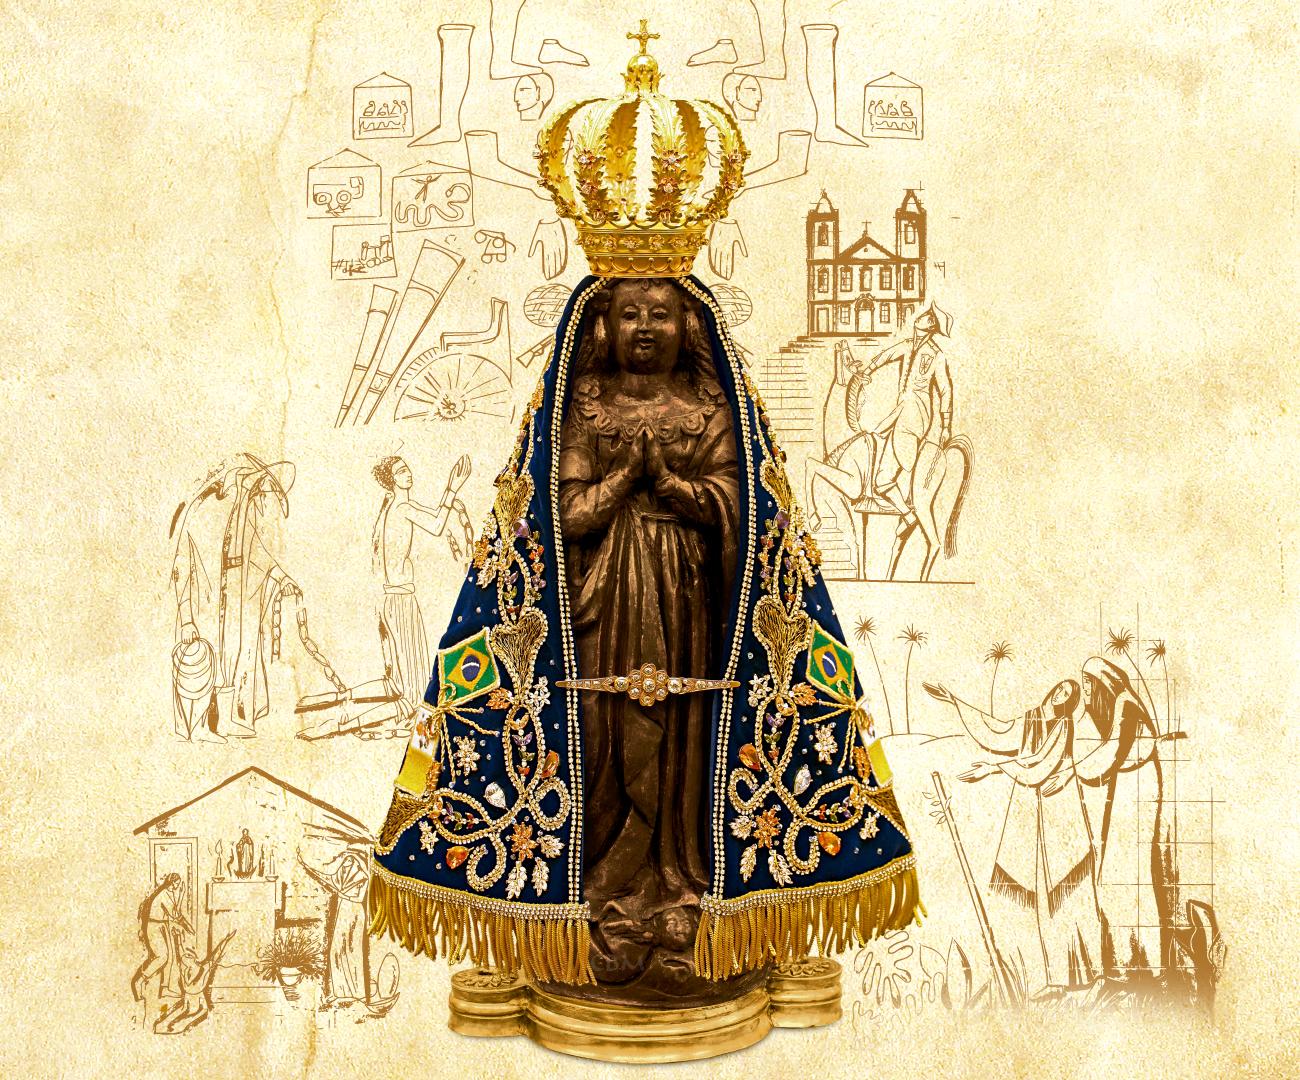 Papel De Parede Nossa Senhora Aparecida: VIRGEM MÃE APARECIDA: Imagem Original De Nossa Senhora